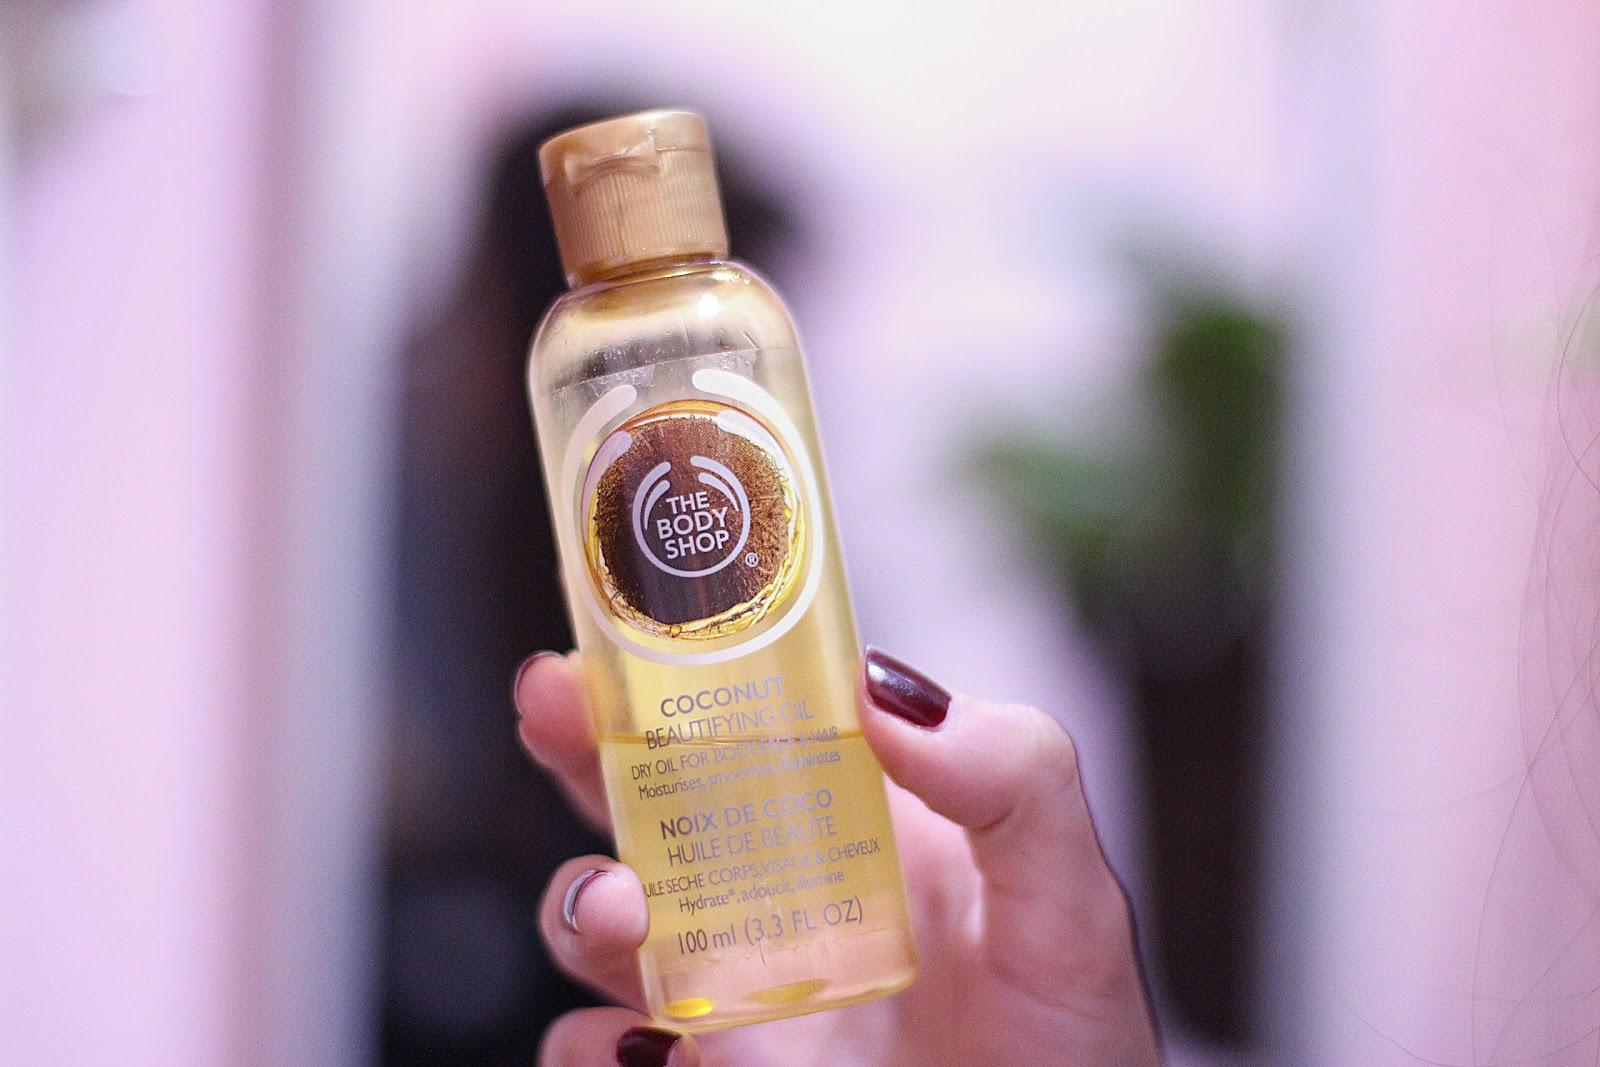 El aceite del brécol para los cabellos en la farmacia